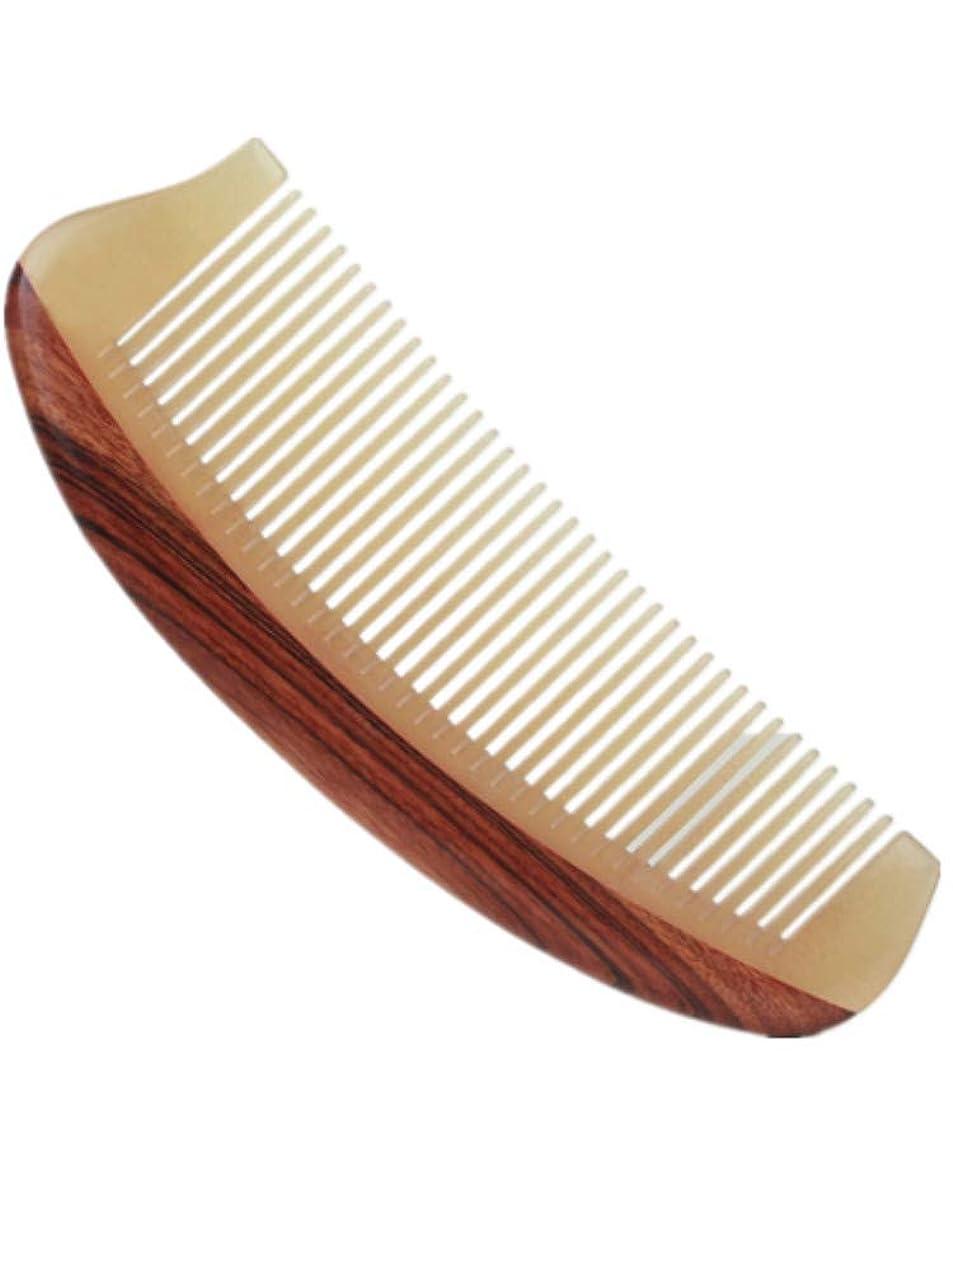 側ベックスバンドル女性、人および子供の木の櫛の羊角の良い歯の帯電防止、破損及び割れ目の端を減らします モデリングツール (Shape : Sessile)